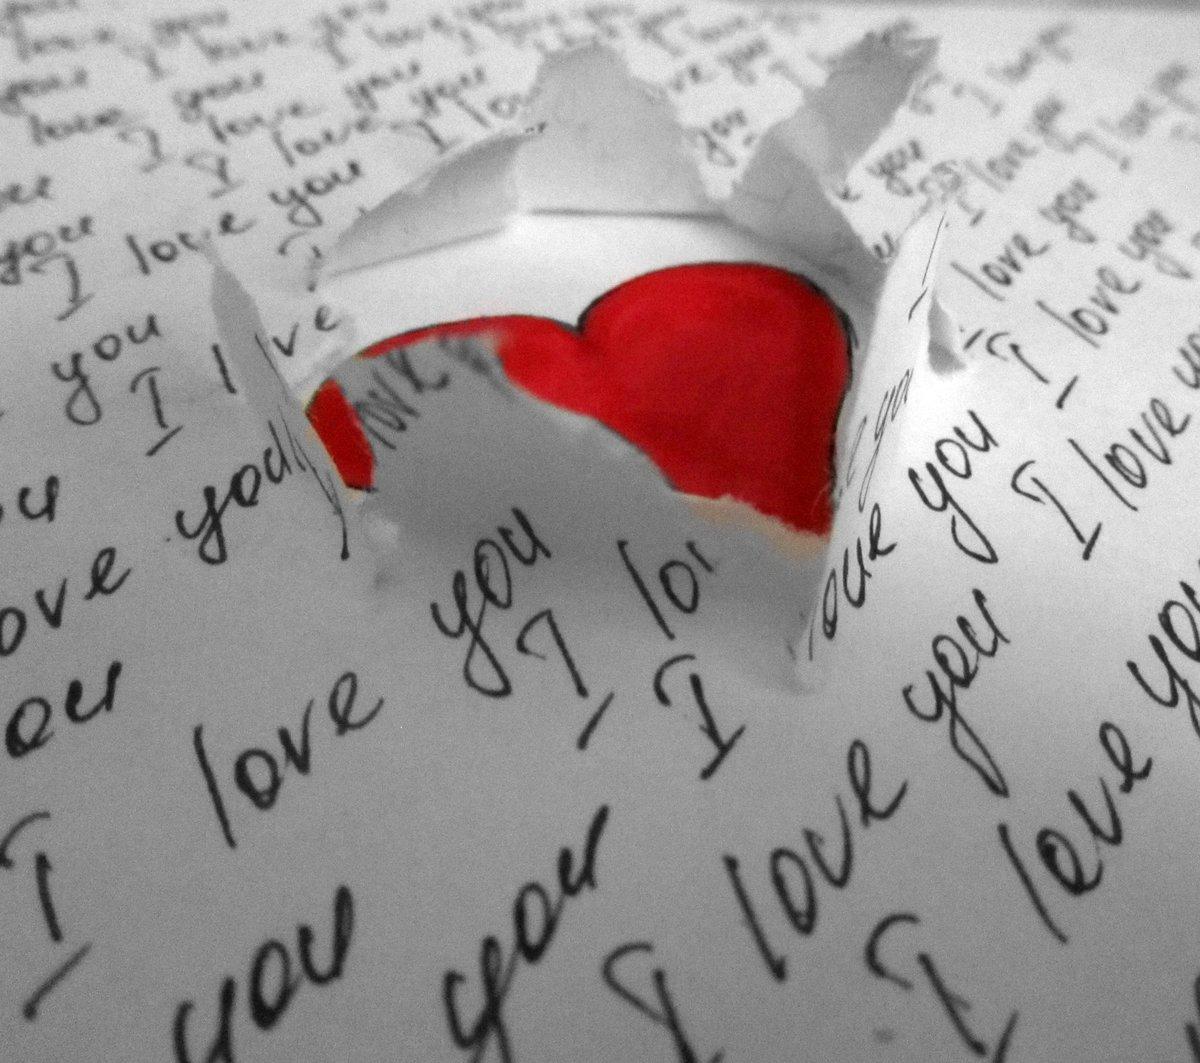 письмо любимому с праздником любви заказать каркас, нужно